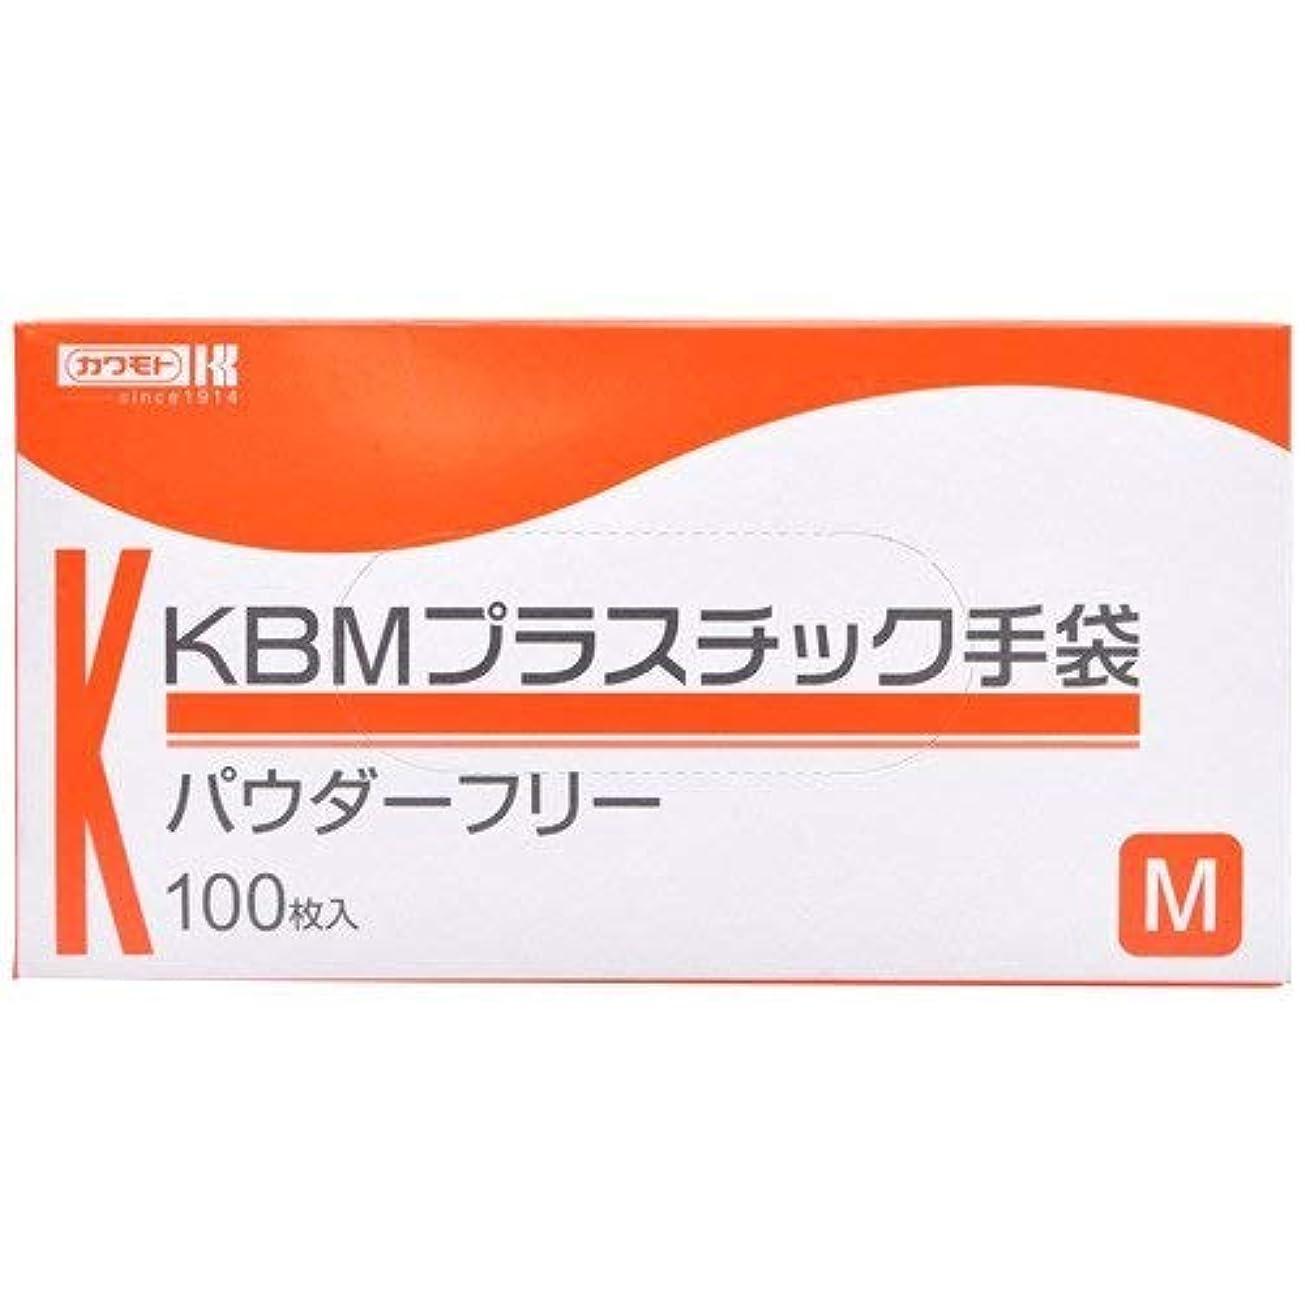 はっきりとプランターママ川本産業 KBMプラスチック手袋 パウダーフリー M 100枚入 ×2個